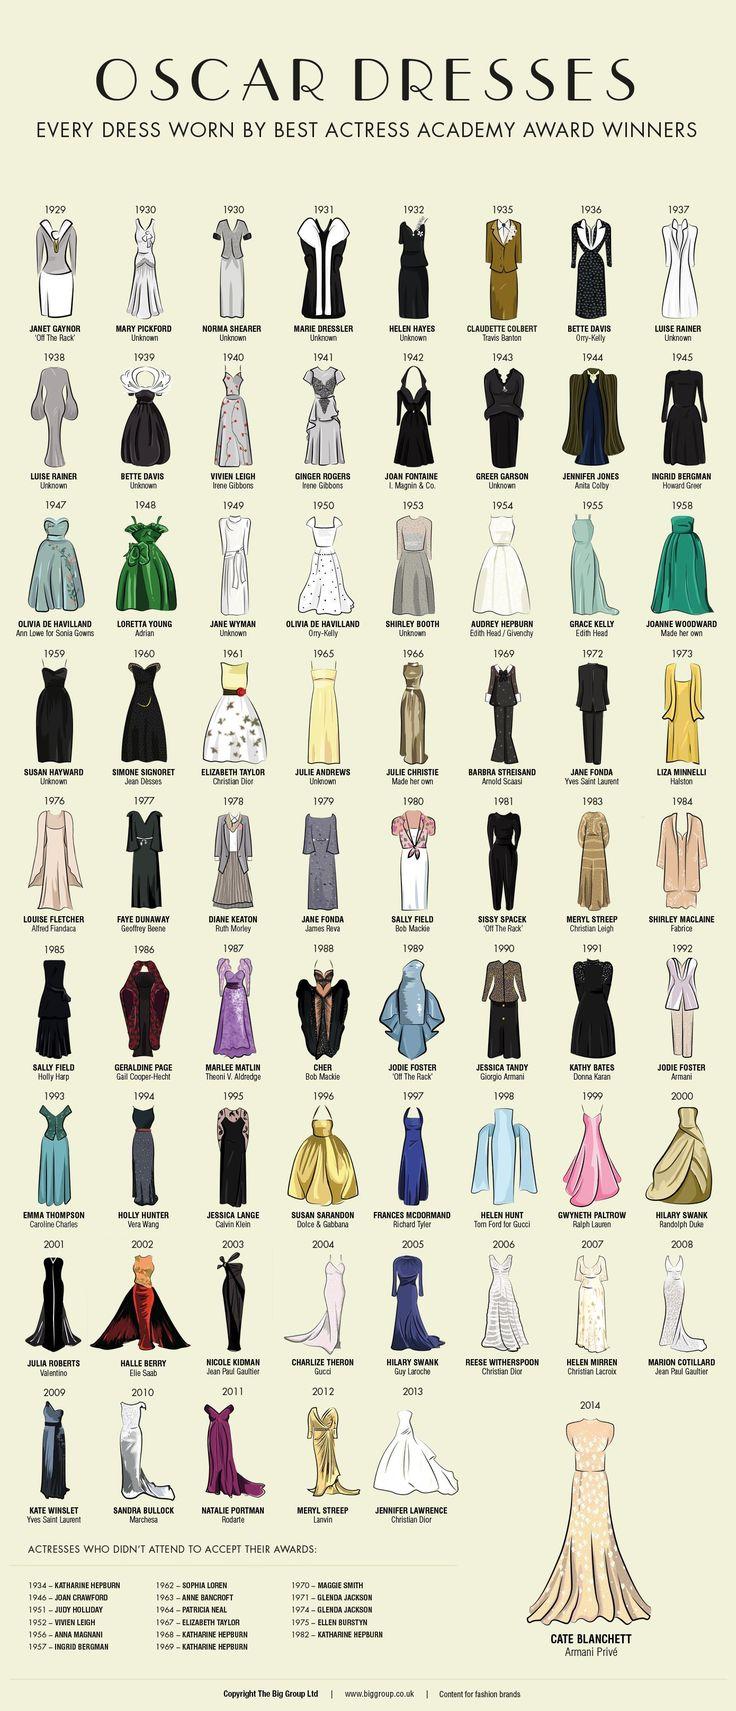 Os vestidos usados pelas ganhadoras do Oscar de melhor atriz ao longo dos anos!